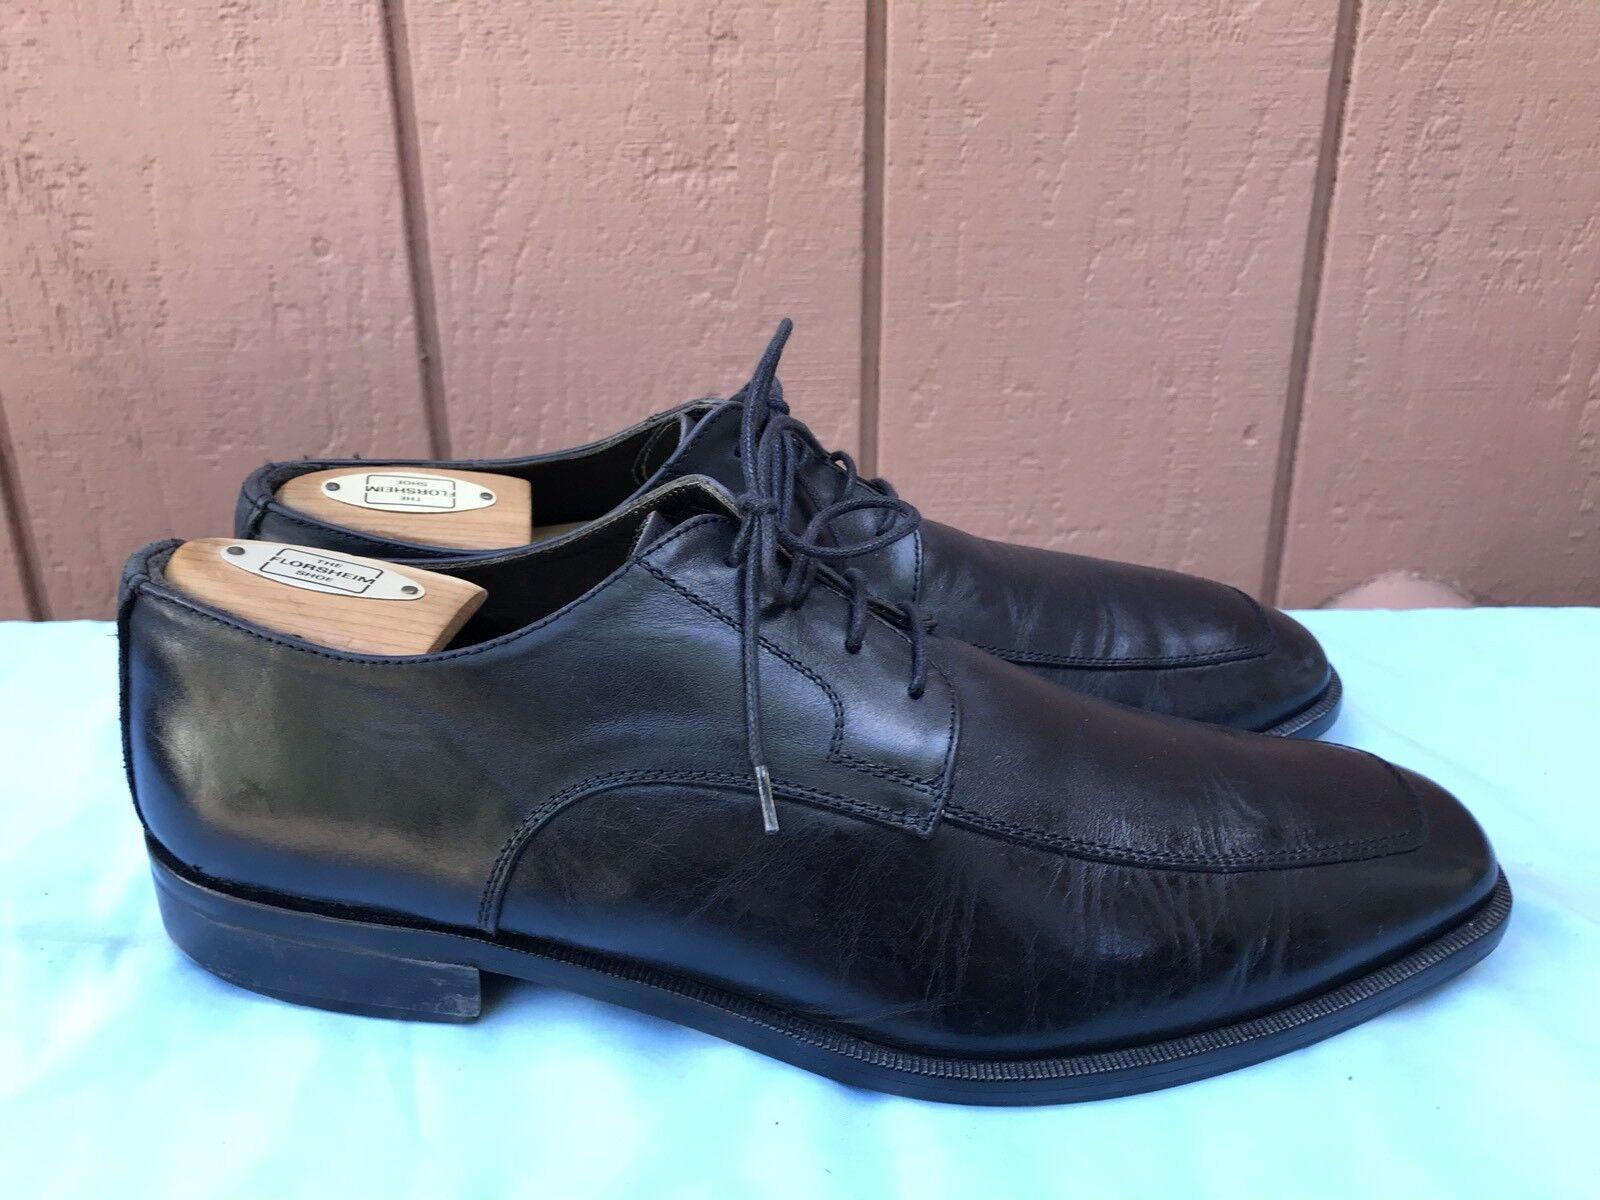 promozioni eccitanti TO avvio NEW YORK Adam Derrick Derrick Derrick nero Square Toe scarpe Lace Up Uomo Sz US 9M A6  liquidazione fino al 70%